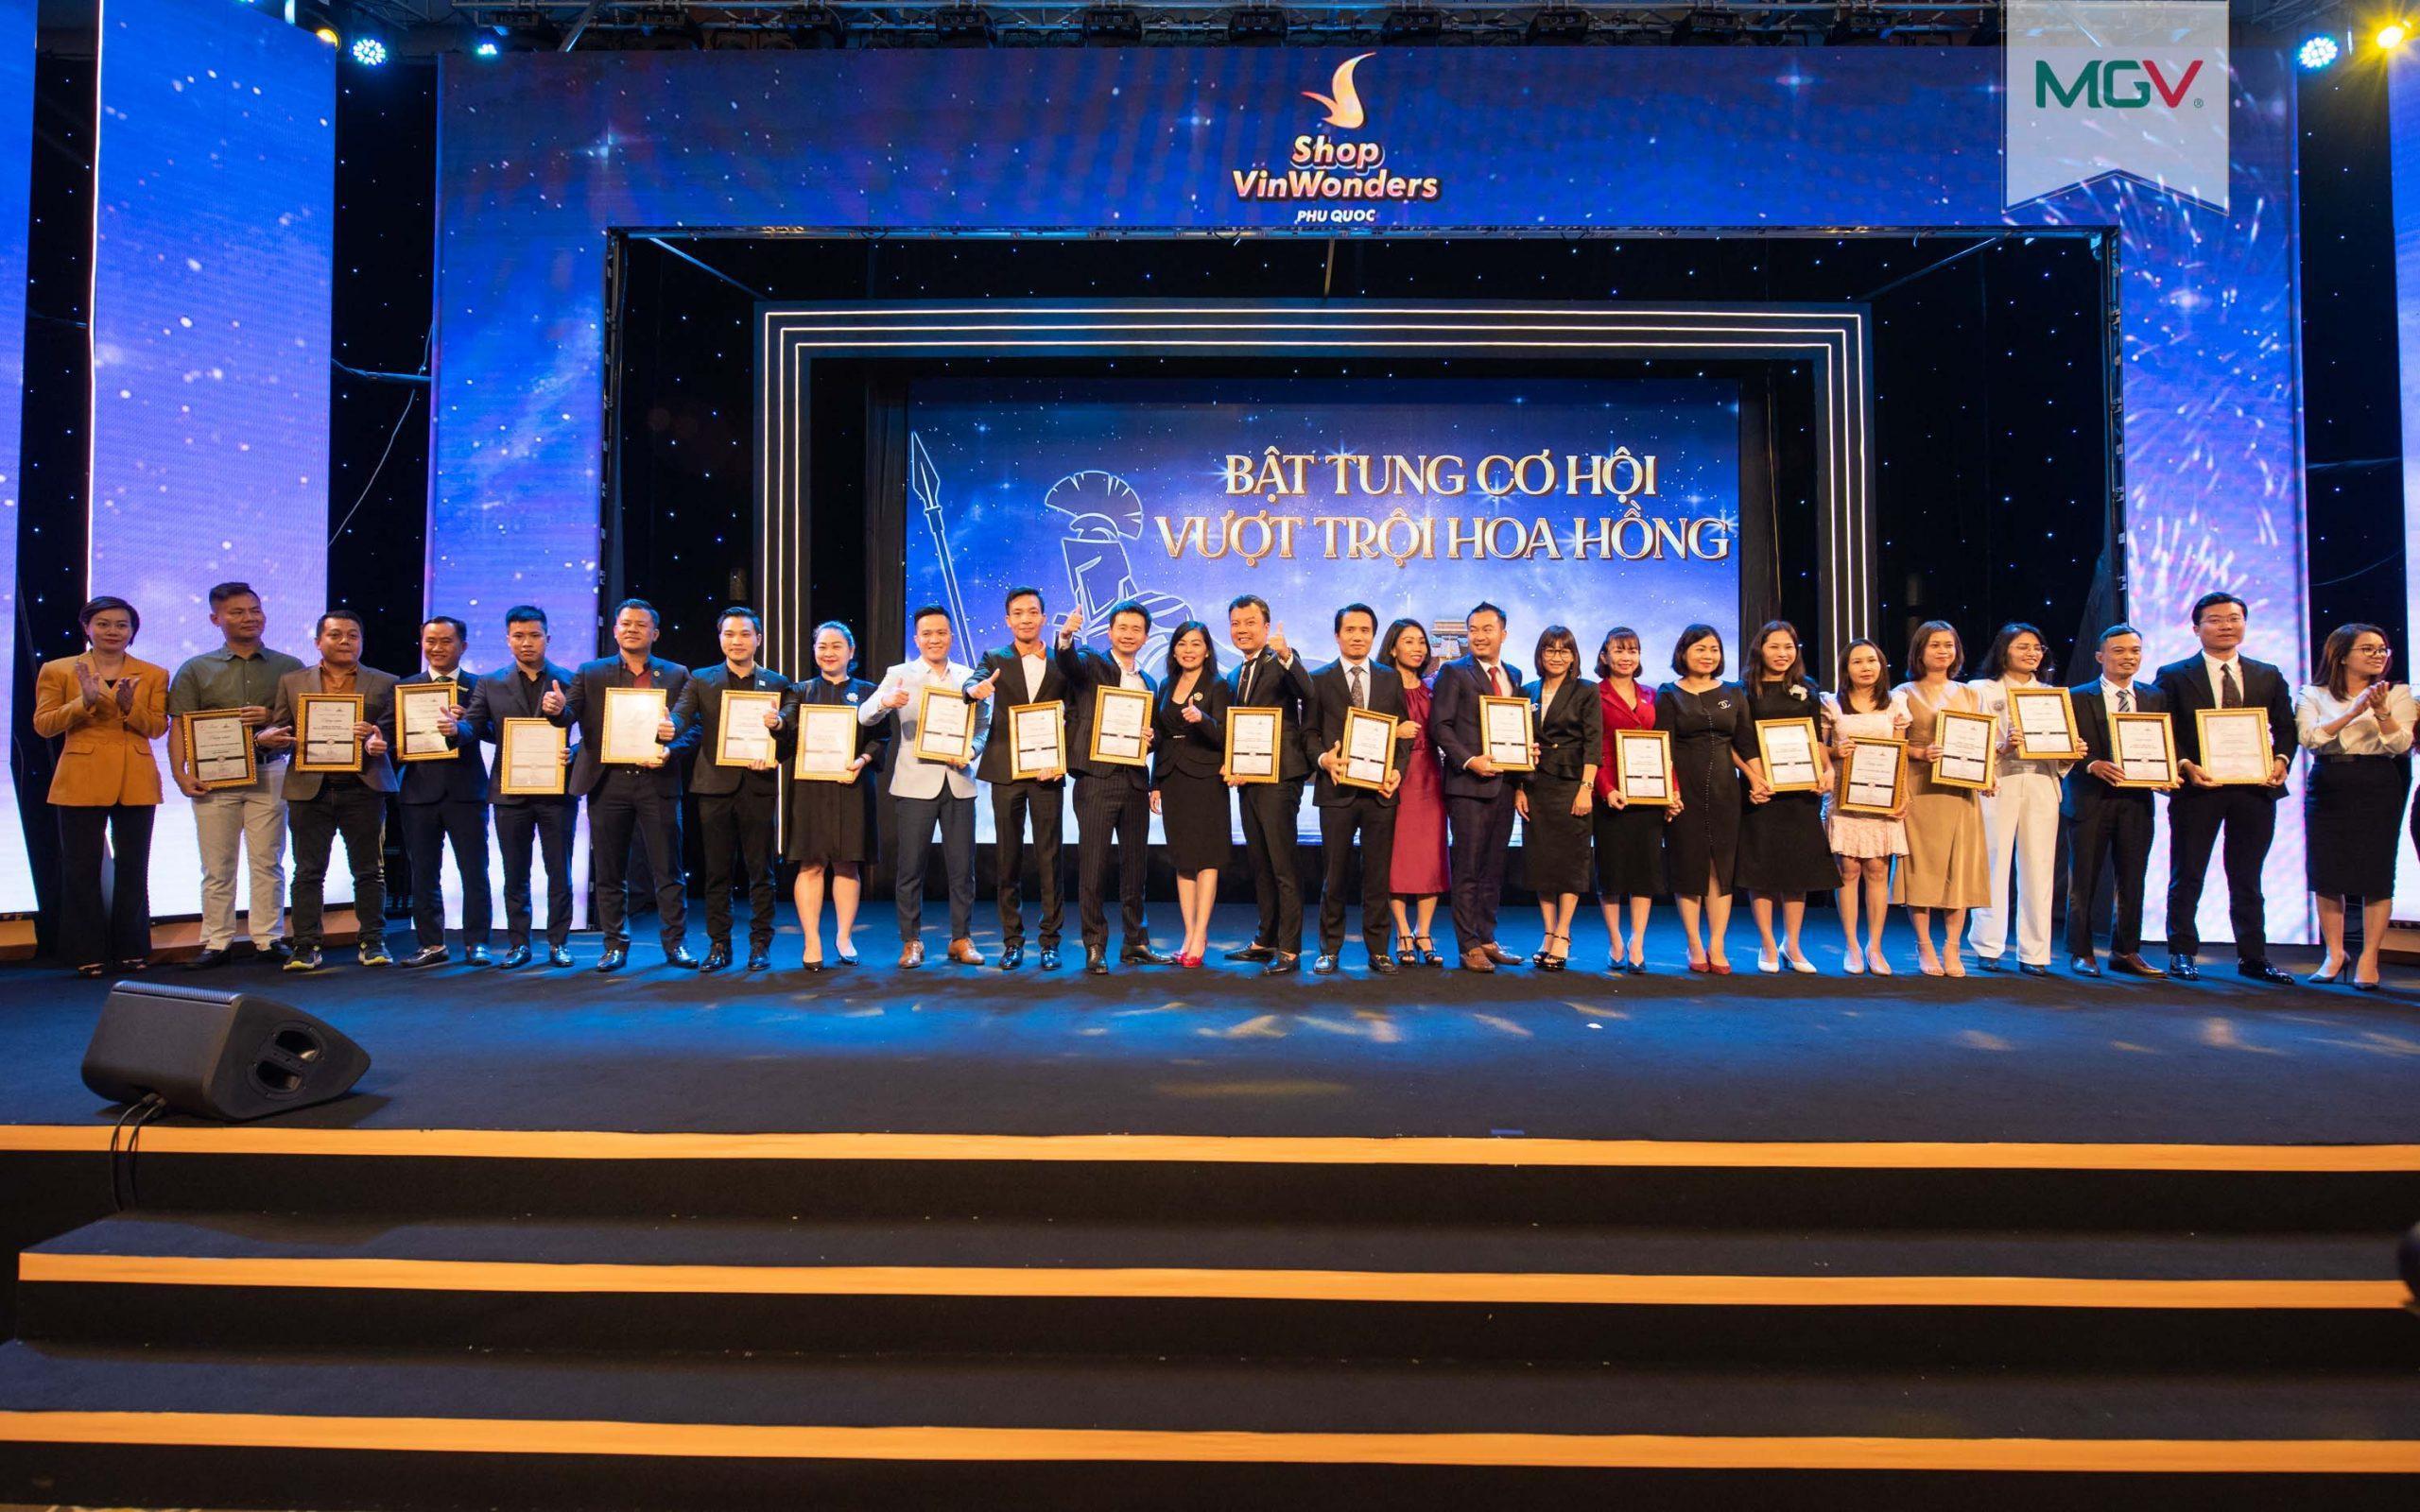 Ông Phan Thanh Thịnh - Đại diện MGV nhận Chứng nhận đại lý phân phối chính thức dự án VinWonders Phú Quốc